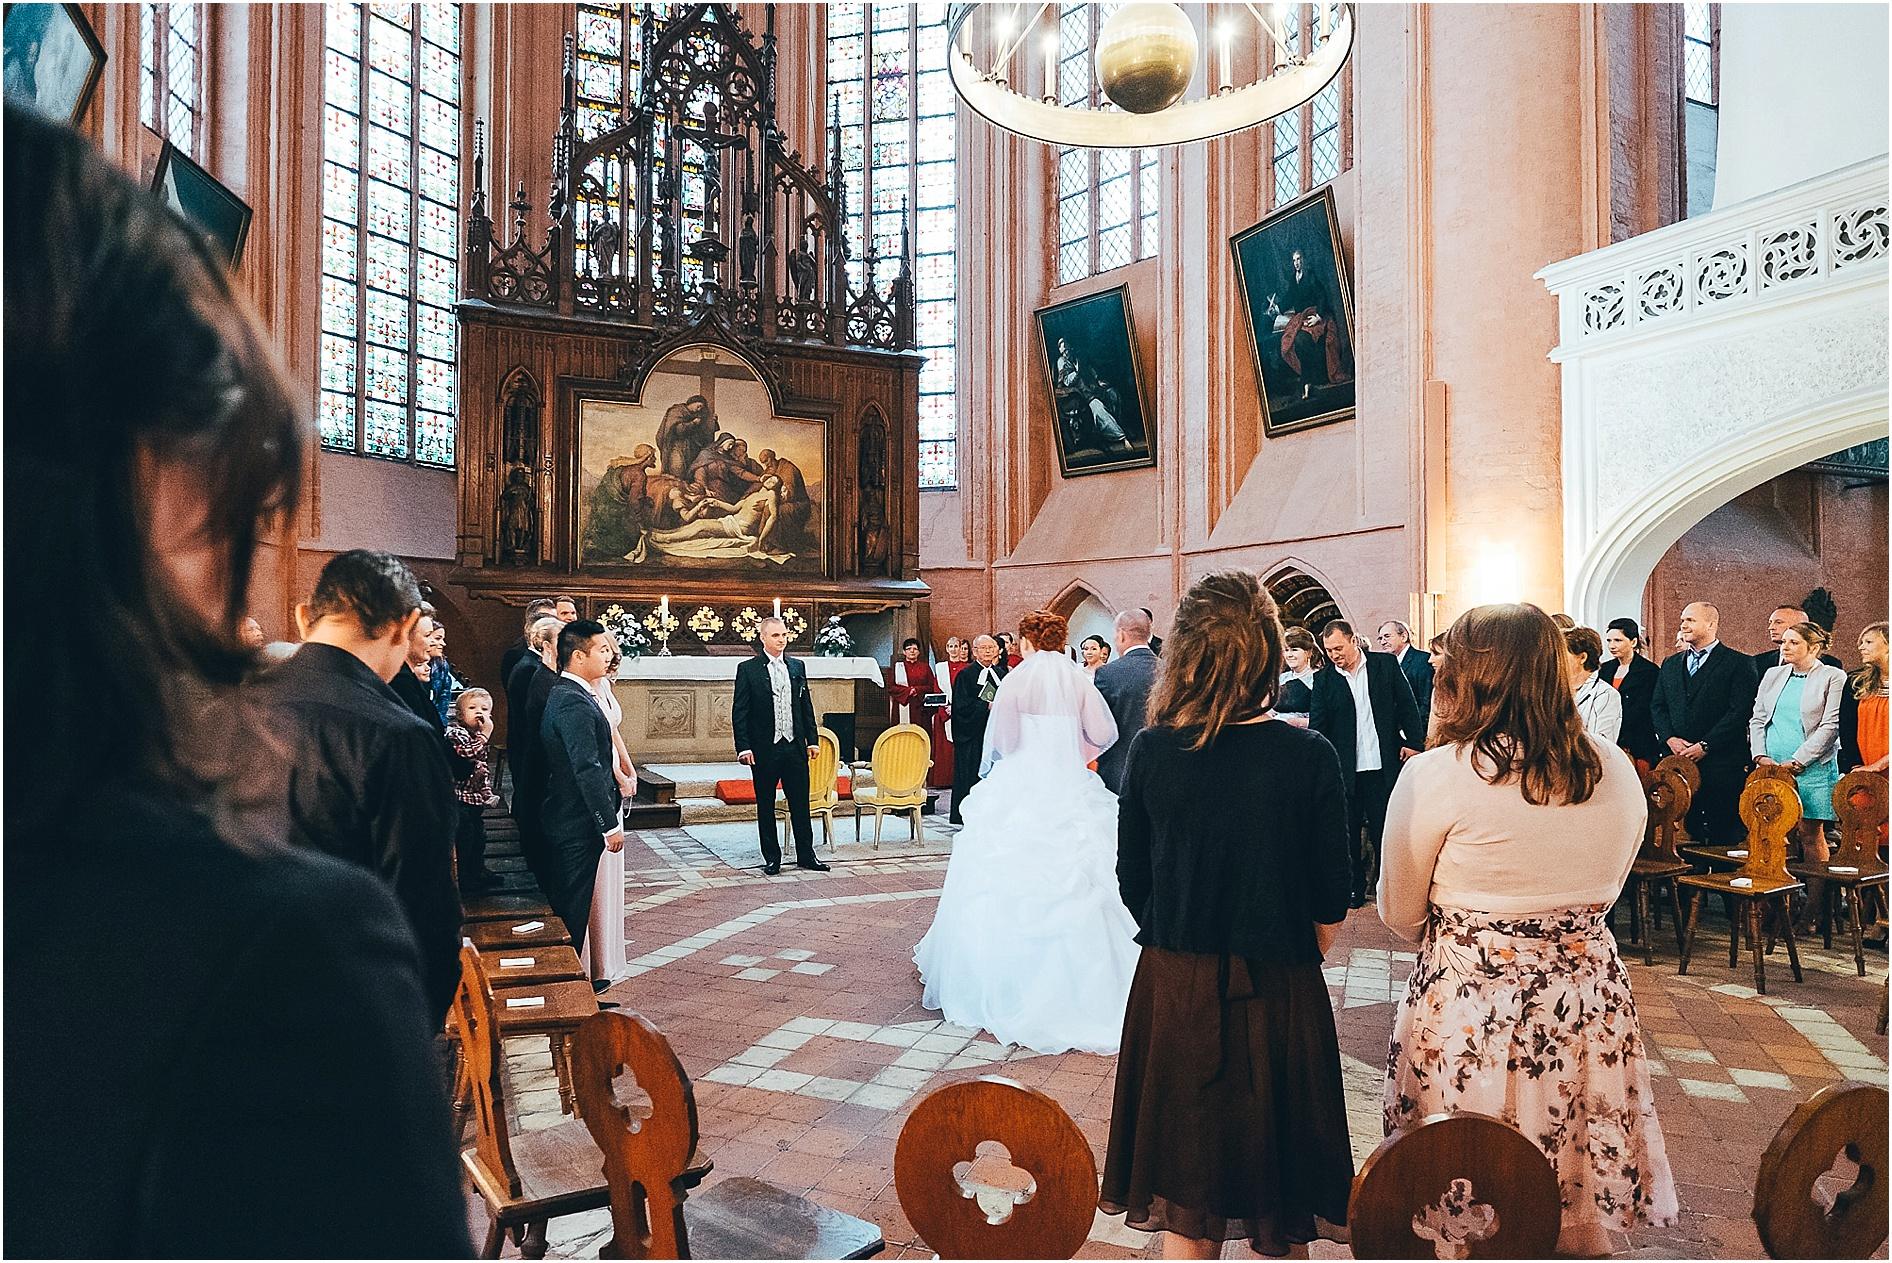 2014-11-20_0032 Lora & Daniel - Als Hochzeitsfotograf in Lüneburg